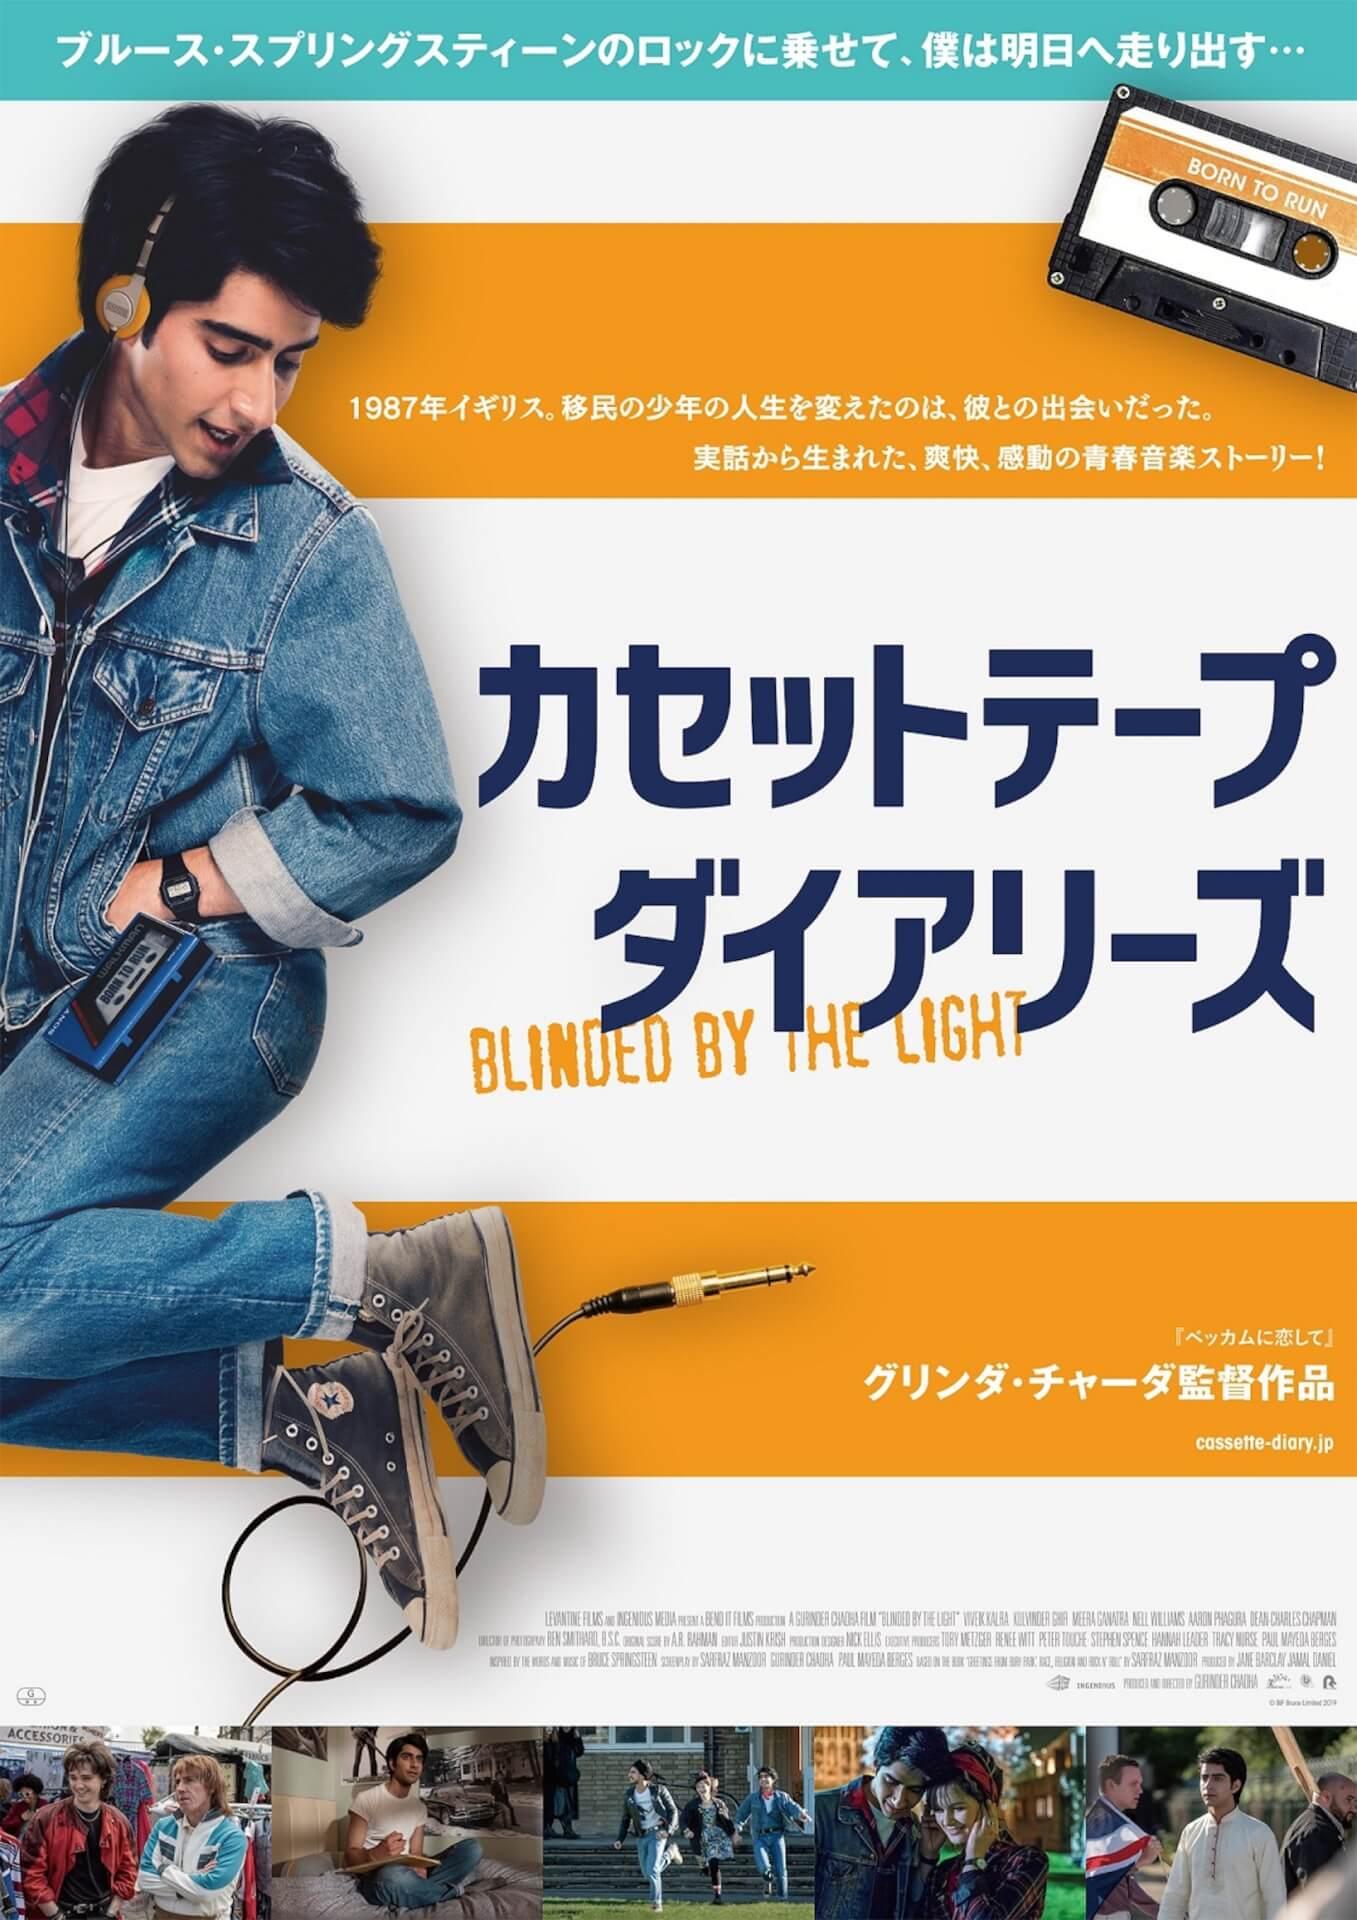 7月公開の映画で期待度が最も高いのは!?『WAVES/ウェイブス』『レイニーデイ・イン・ニューヨーク』などランクインの期待度ランキングがFilmarksで発表 film200630_movie_july_10